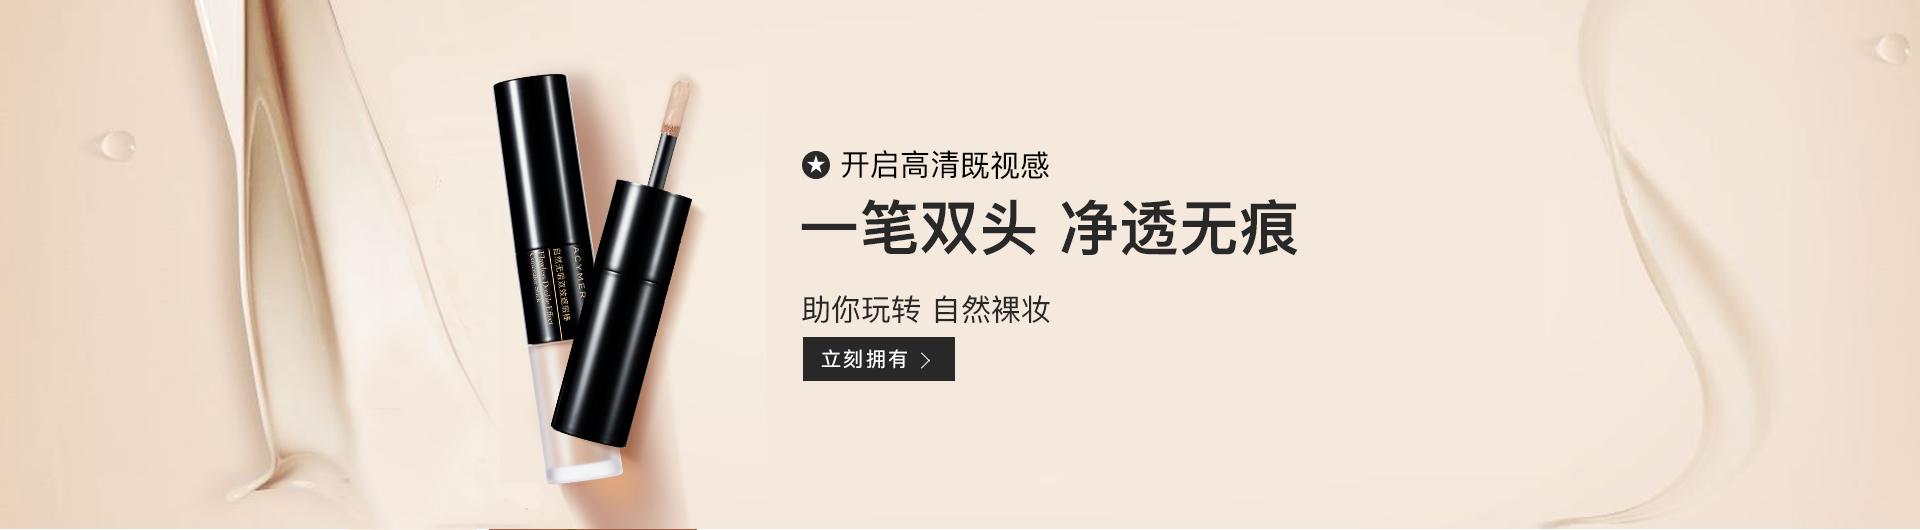 彩妝頭部Banner